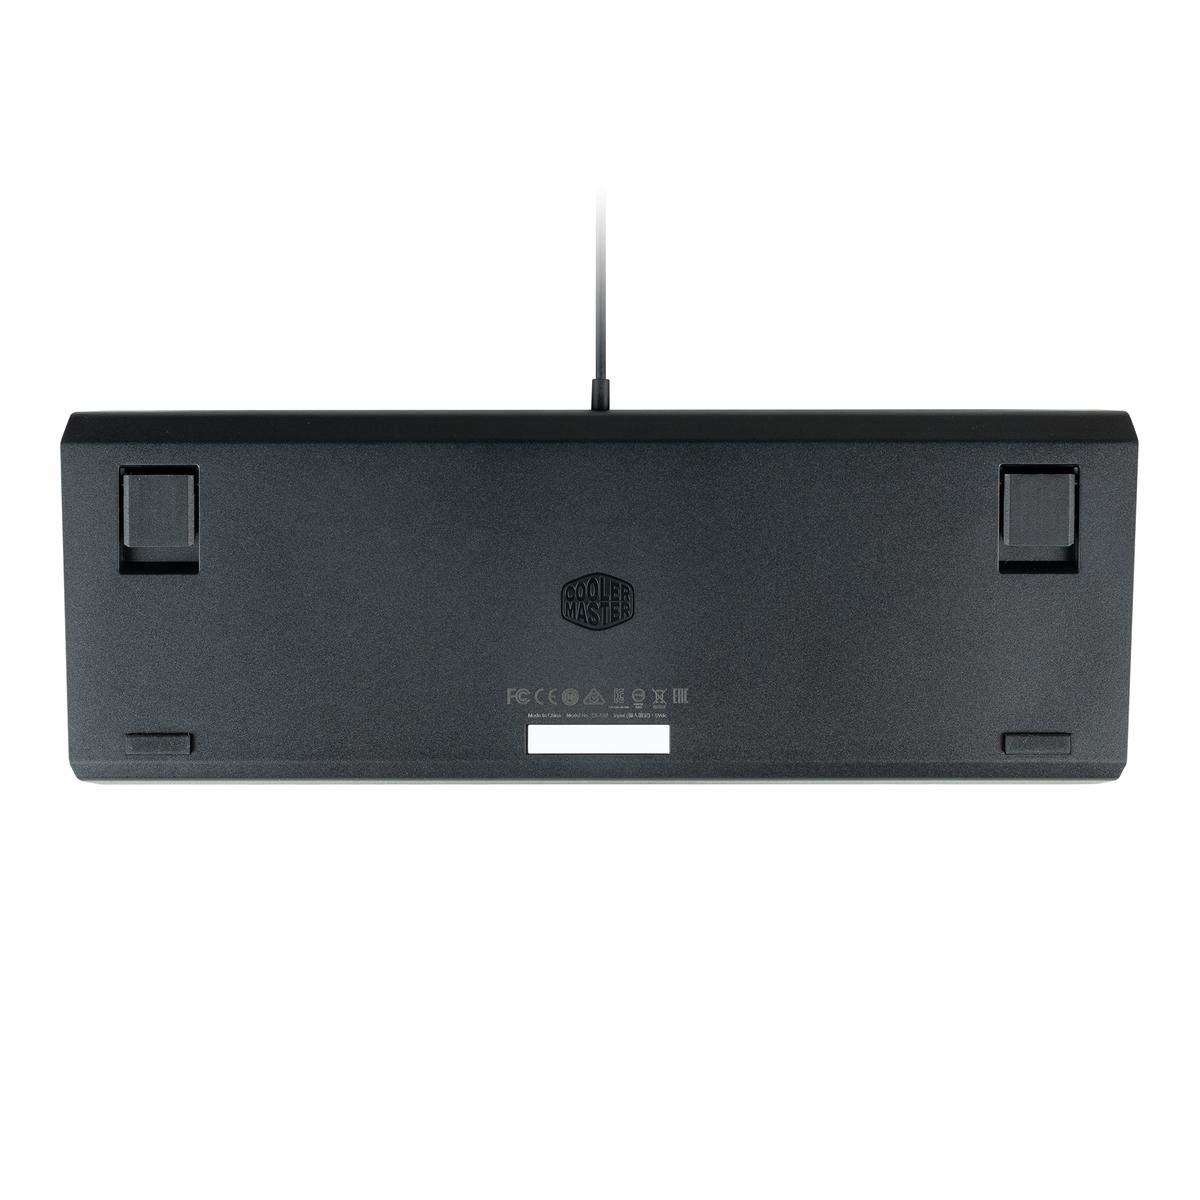 COOLER MASTER MASTERKEYS CK530 TKL mechaninė laidinė RGB klaviatūra | US BROWN